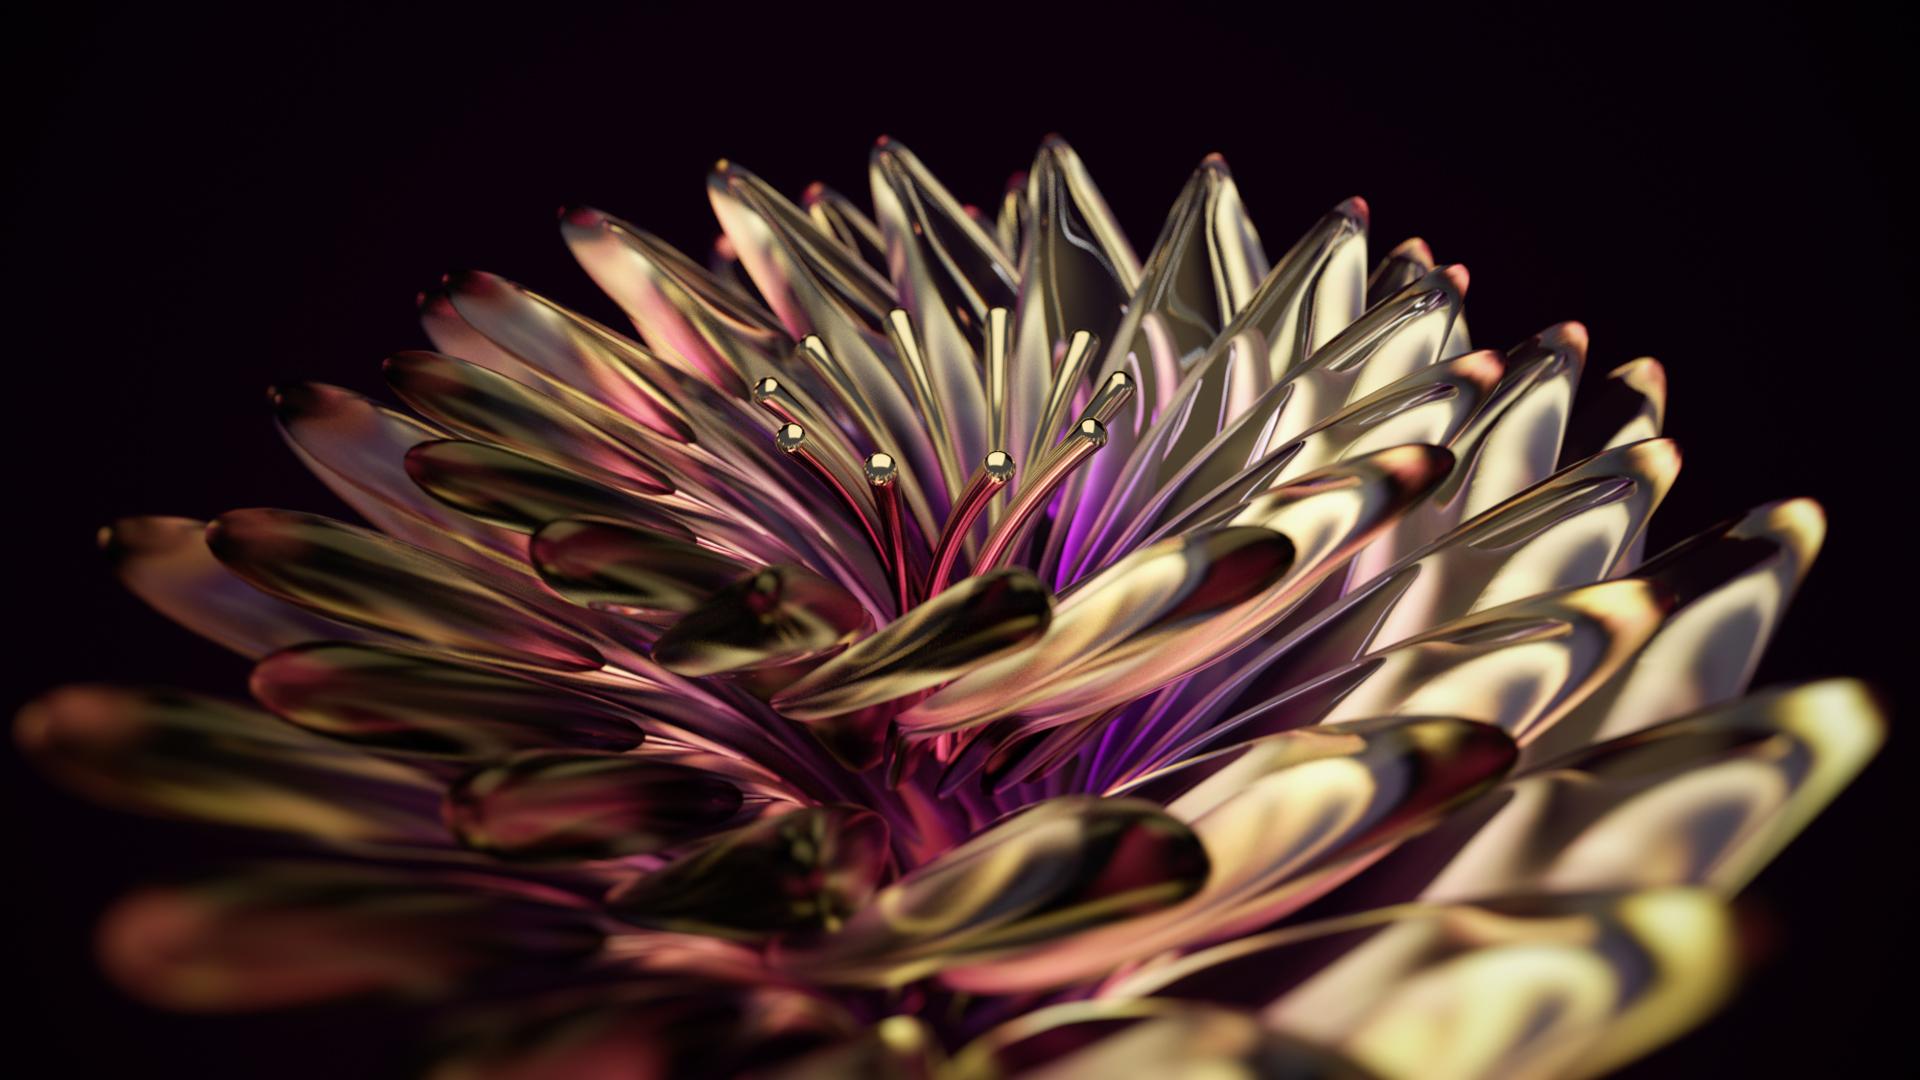 flowerline_2c